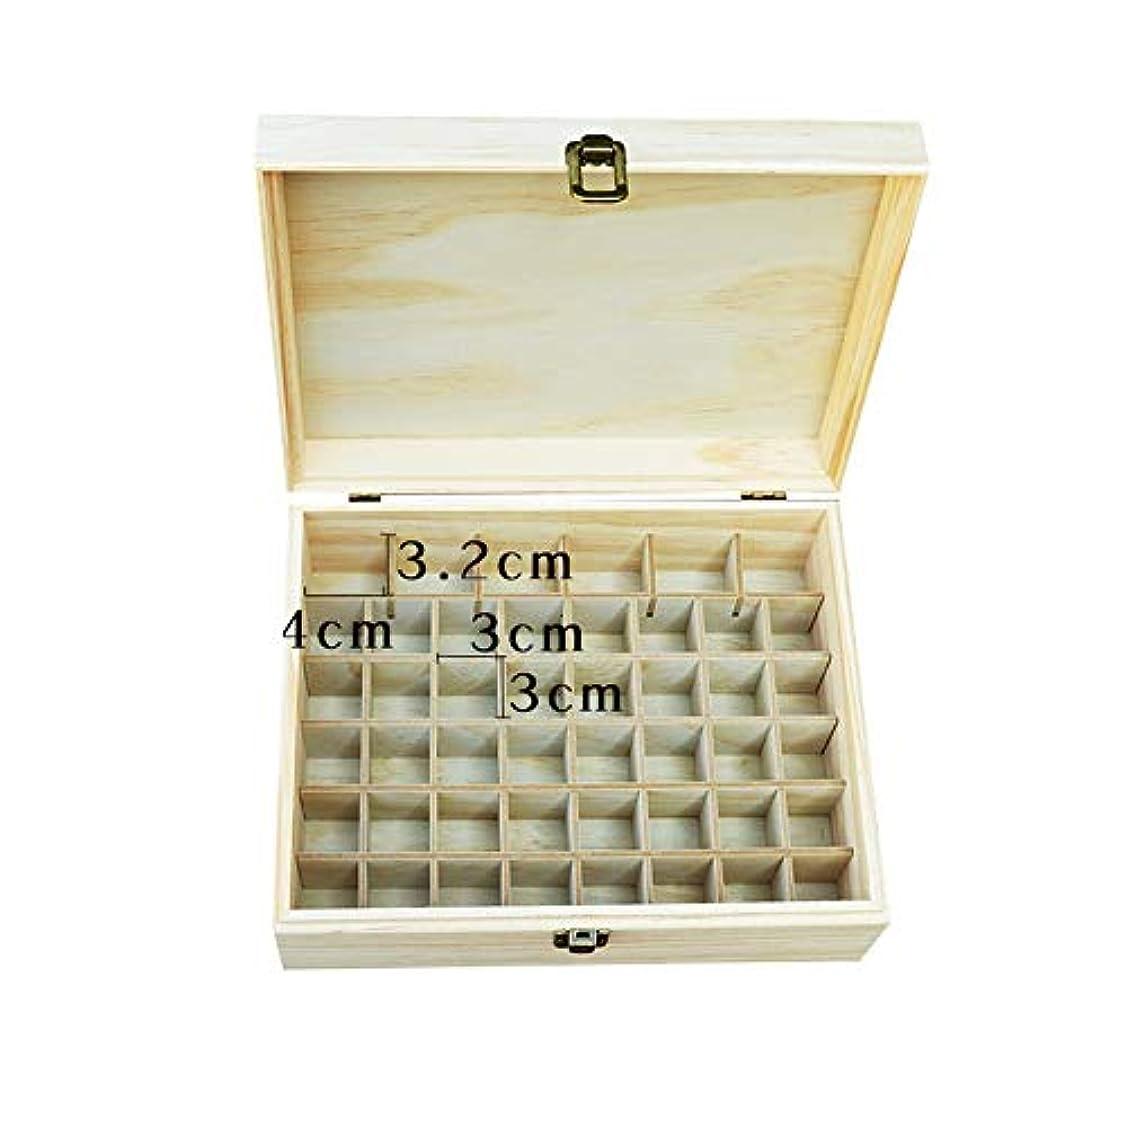 強風磁石代理店エッセンシャルオイル収納ボックス 大46ボトル木製のエッセンシャルオイルストレージボックス (色 : Natural, サイズ : 22.2X10.2X8.2CM)